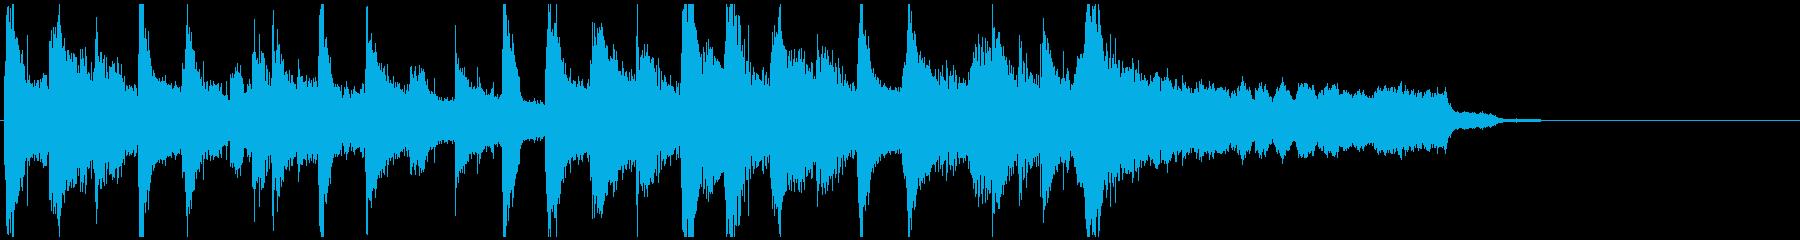 シタールのインド風ジングルの再生済みの波形